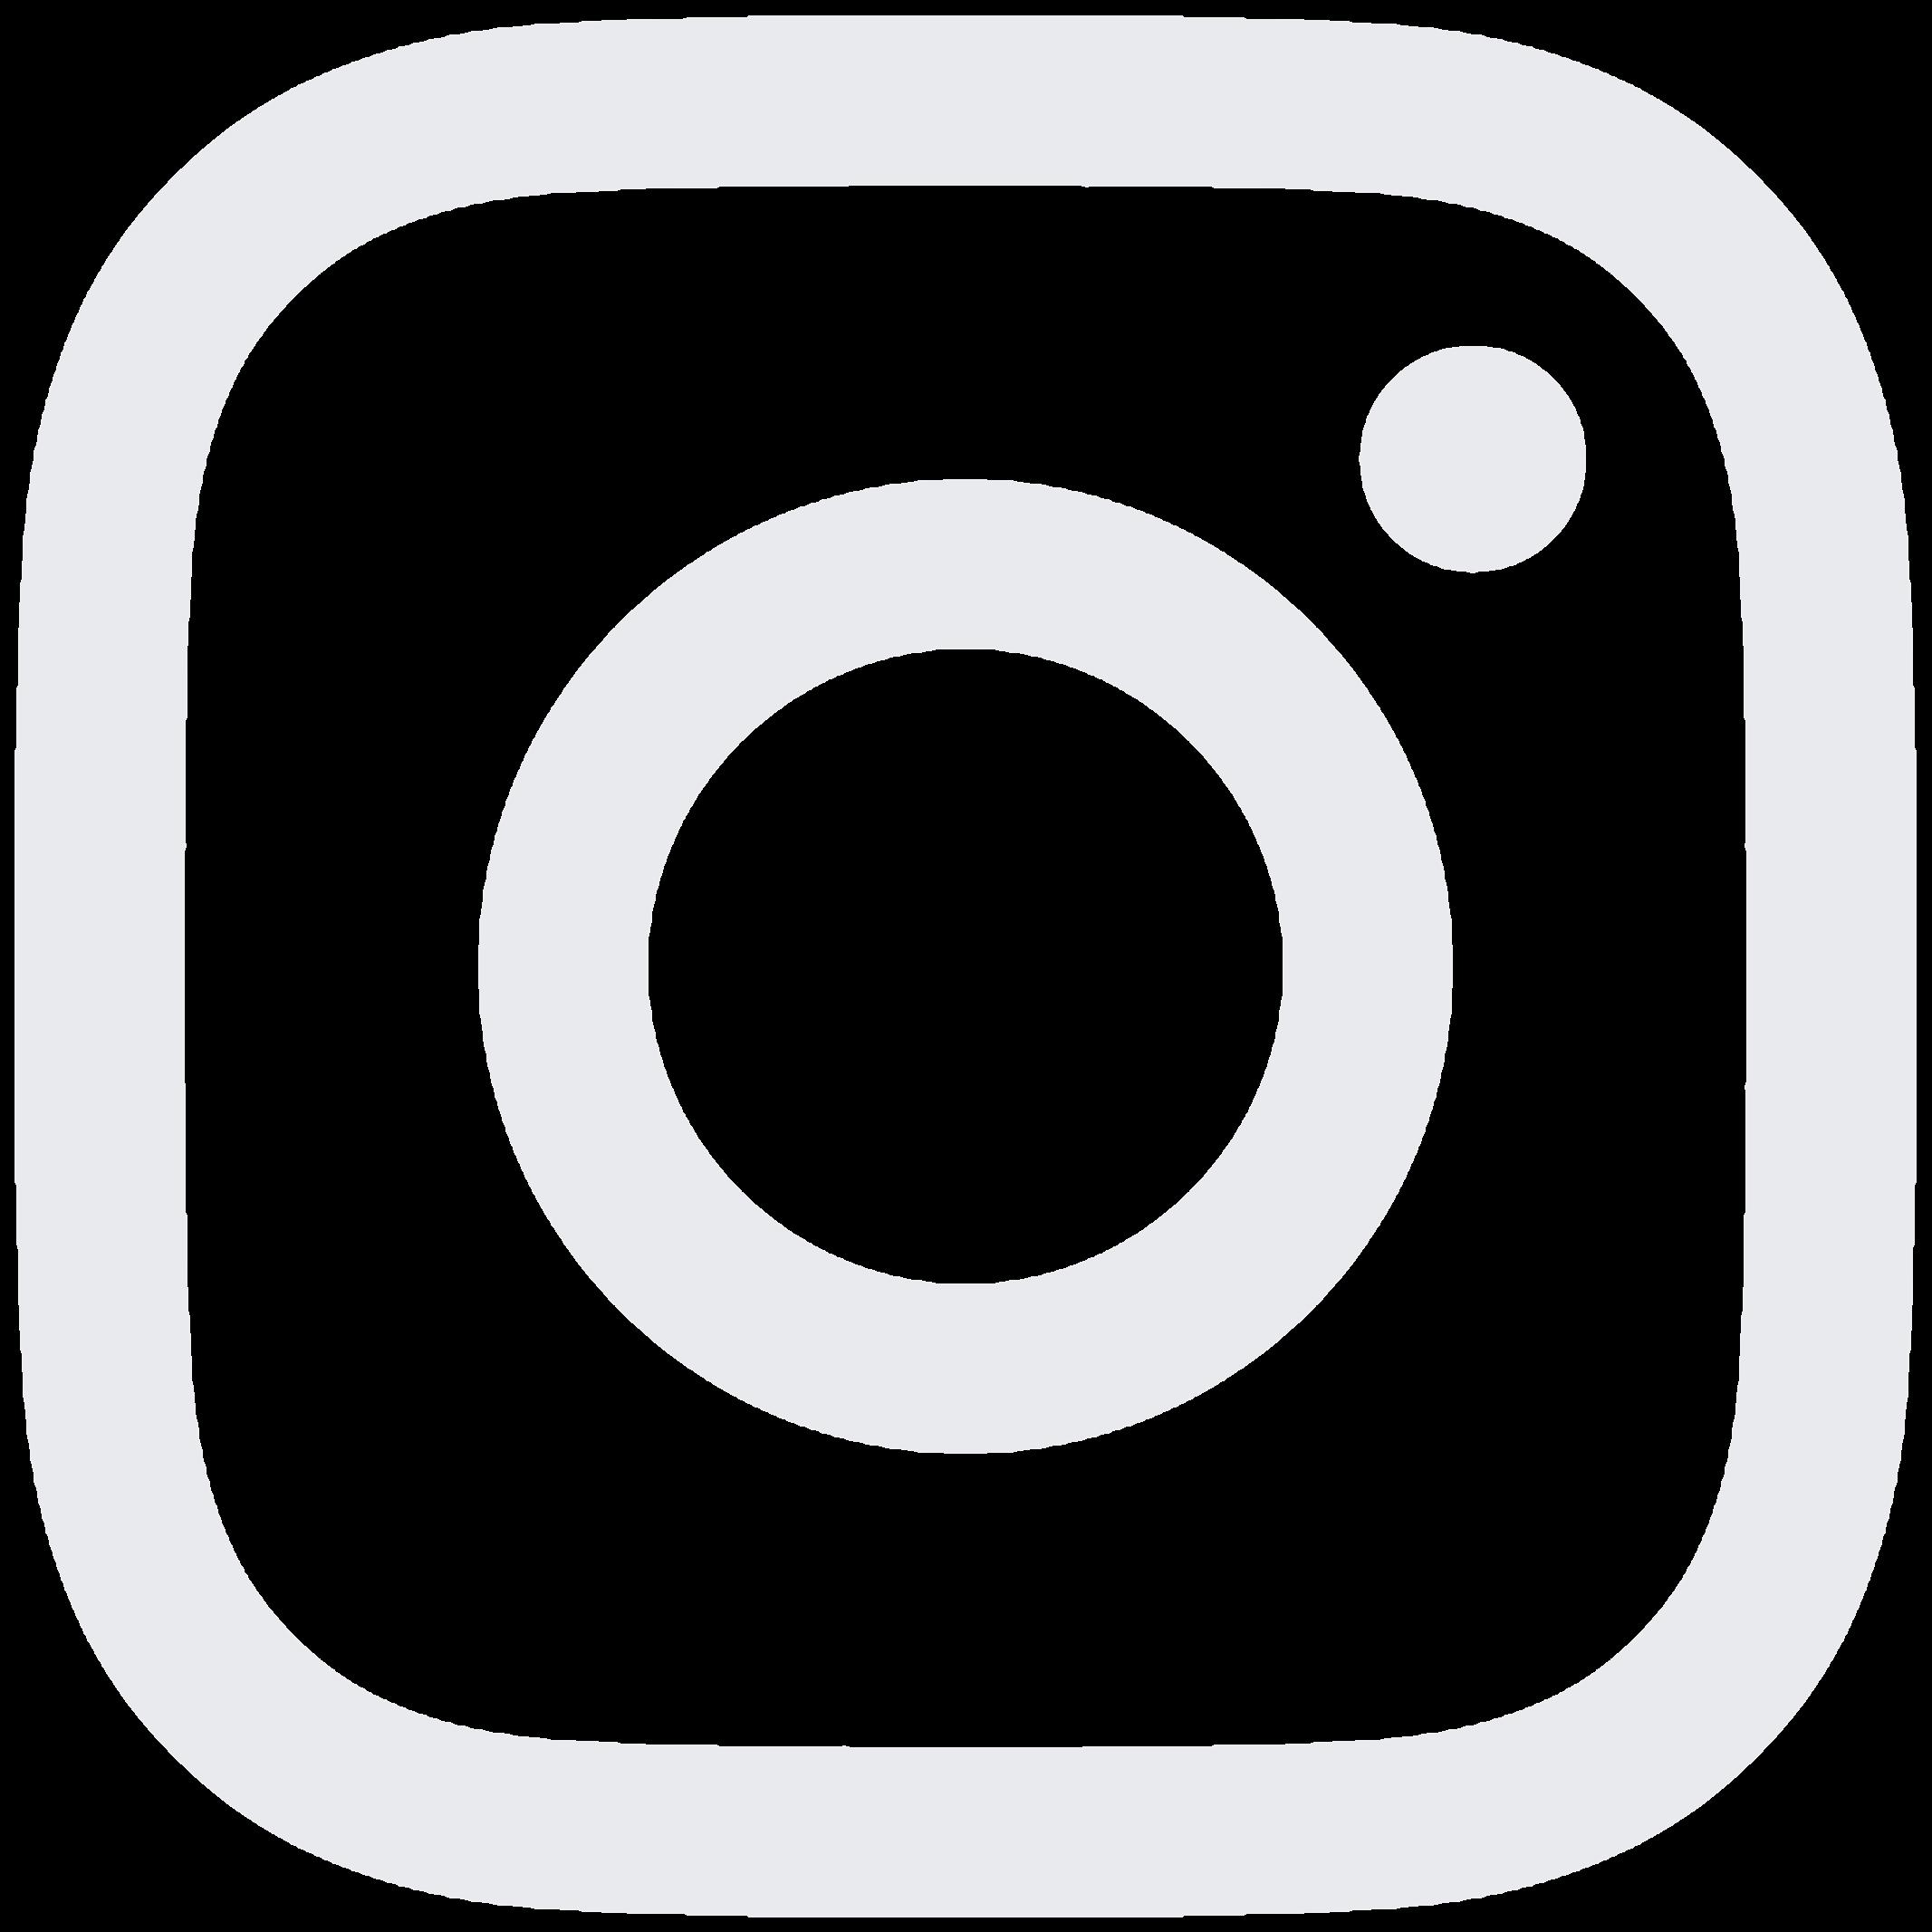 サンヴェルシア公式Instagram